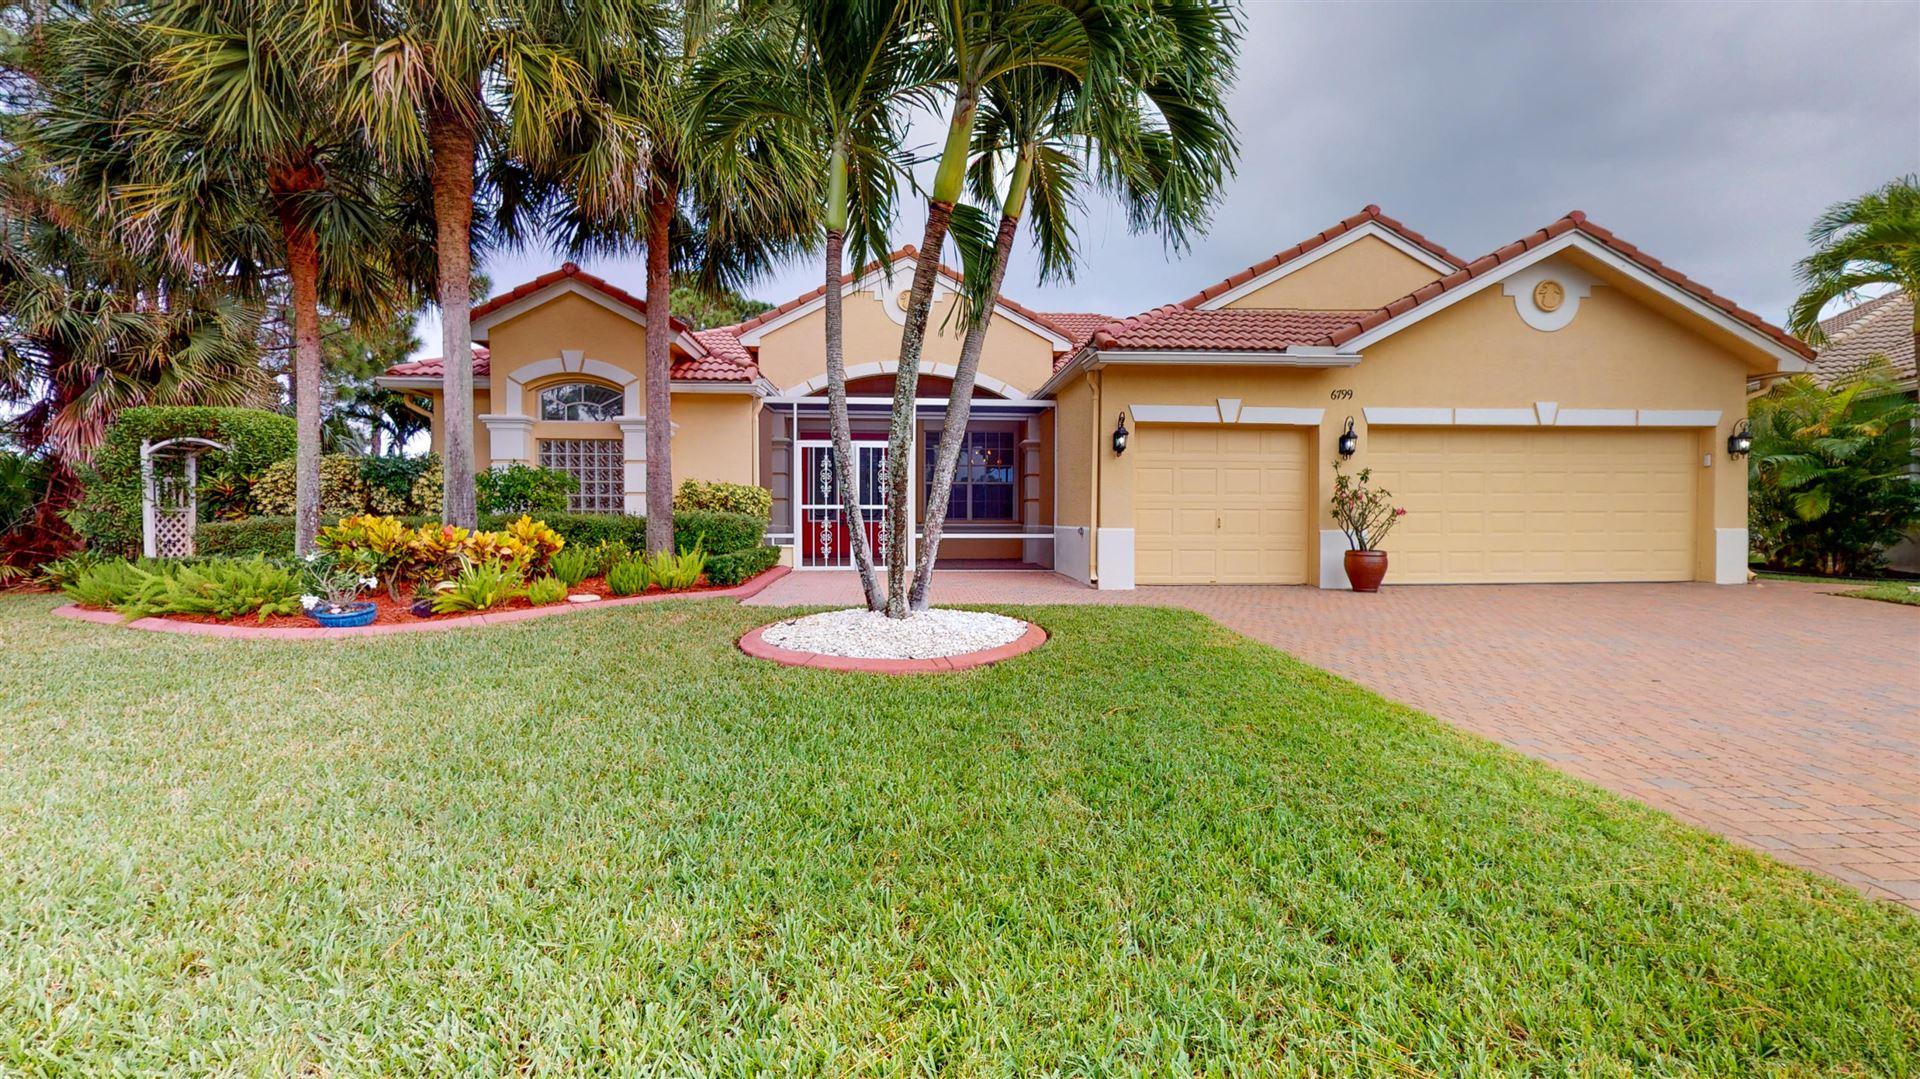 6799 SE Sleepy Hollow Lane, Stuart, FL 34997 - #: RX-10669539